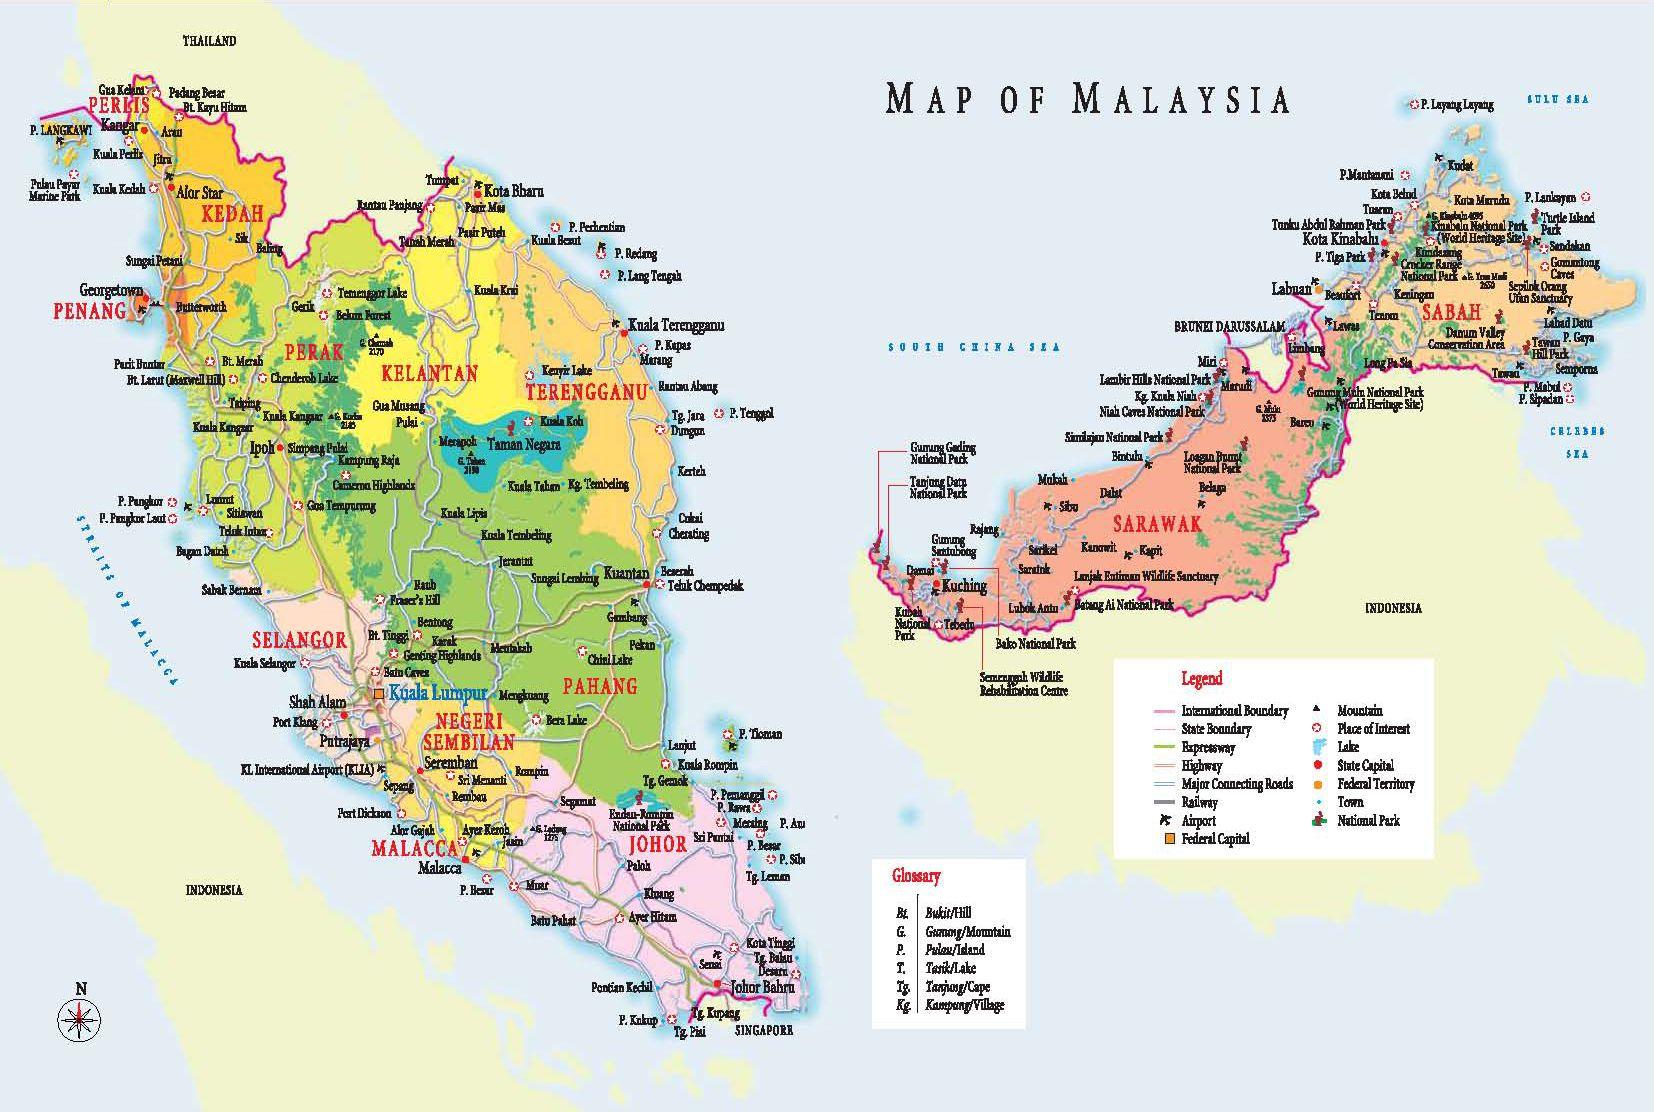 MALAYSIA MAPPA Home Malaysai Hotels Malaysia Hostels Travel